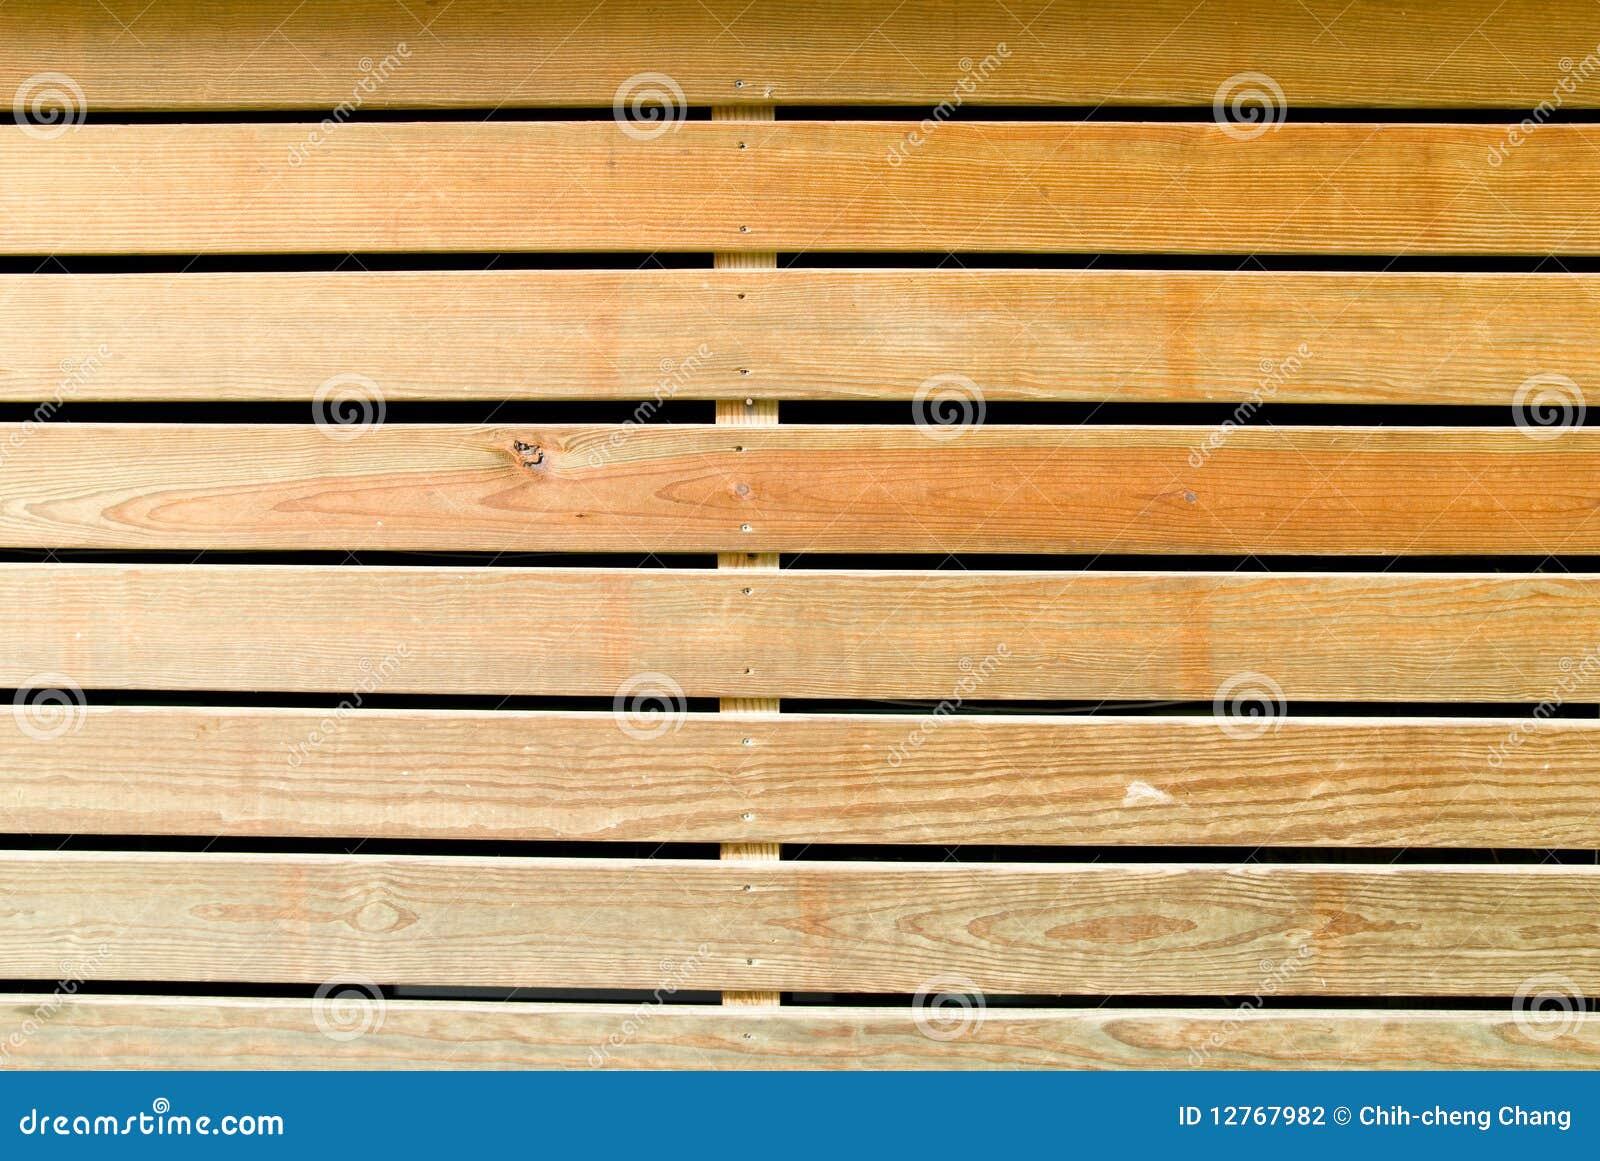 El list n de madera foto de archivo imagen de textura - Precio listones madera ...